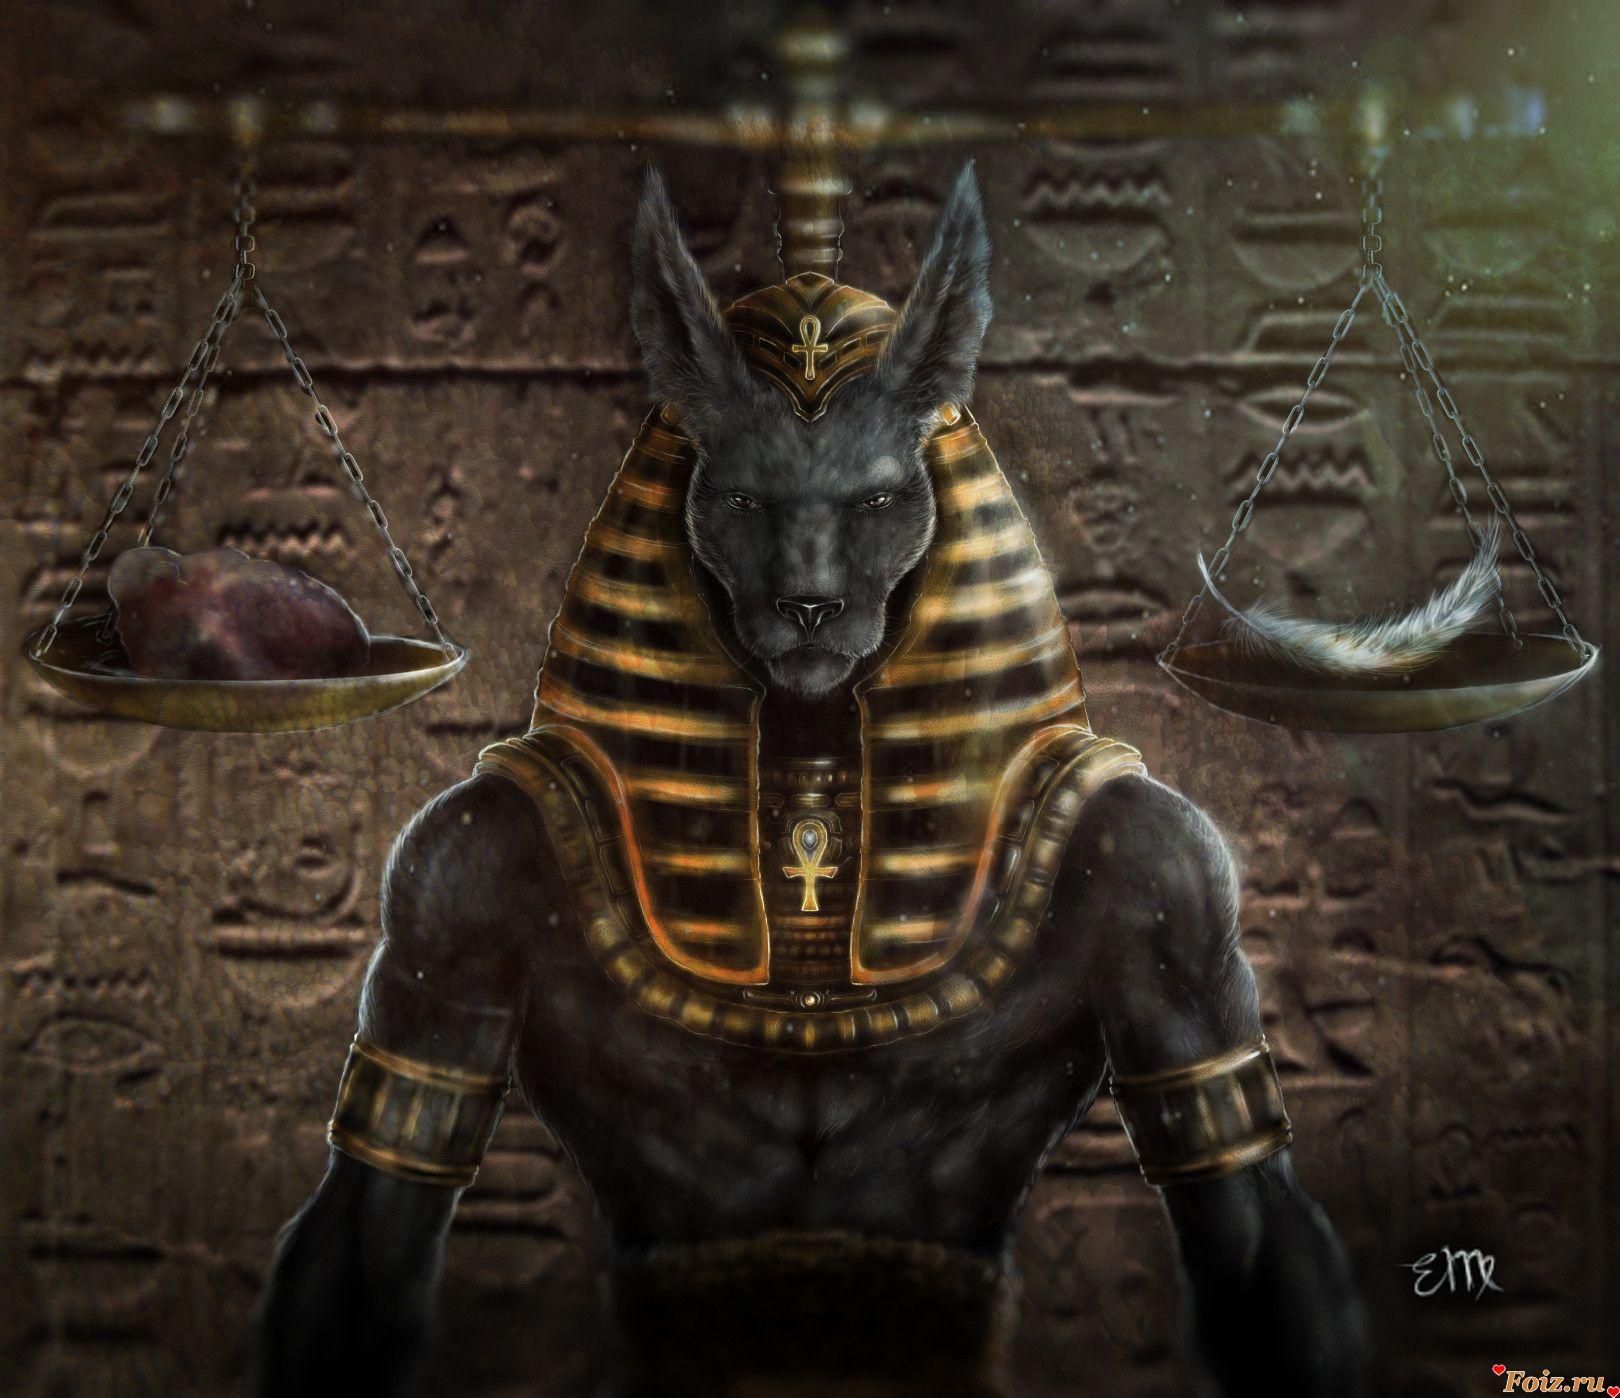 словам отца фото богов египта с головами эти